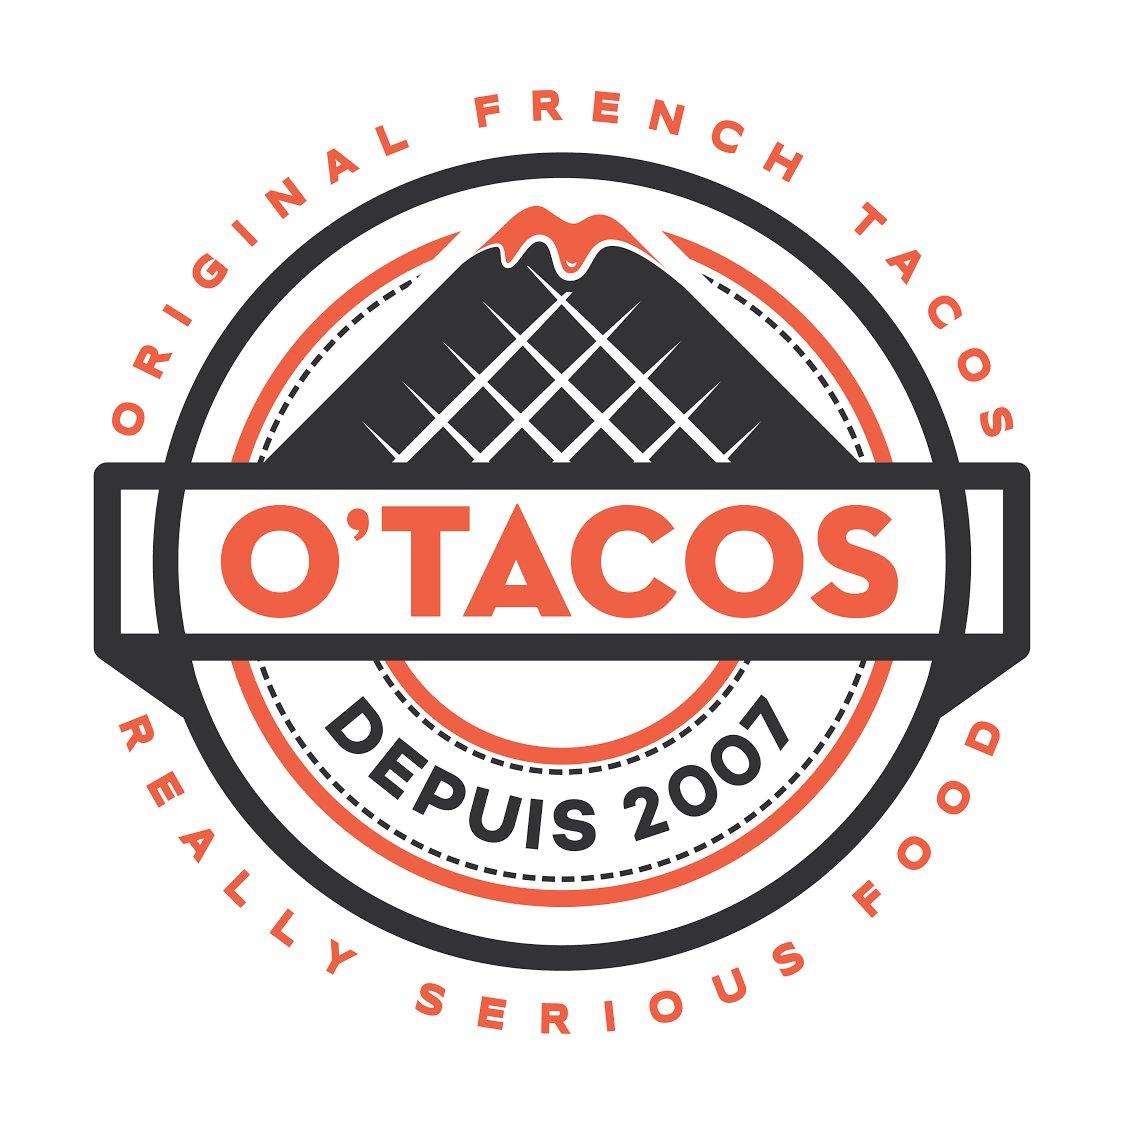 2 Tacos Taille L pour 9,99€ - O'Tacos Issy-les-Moulineaux/Boulogne Billancourt (92)